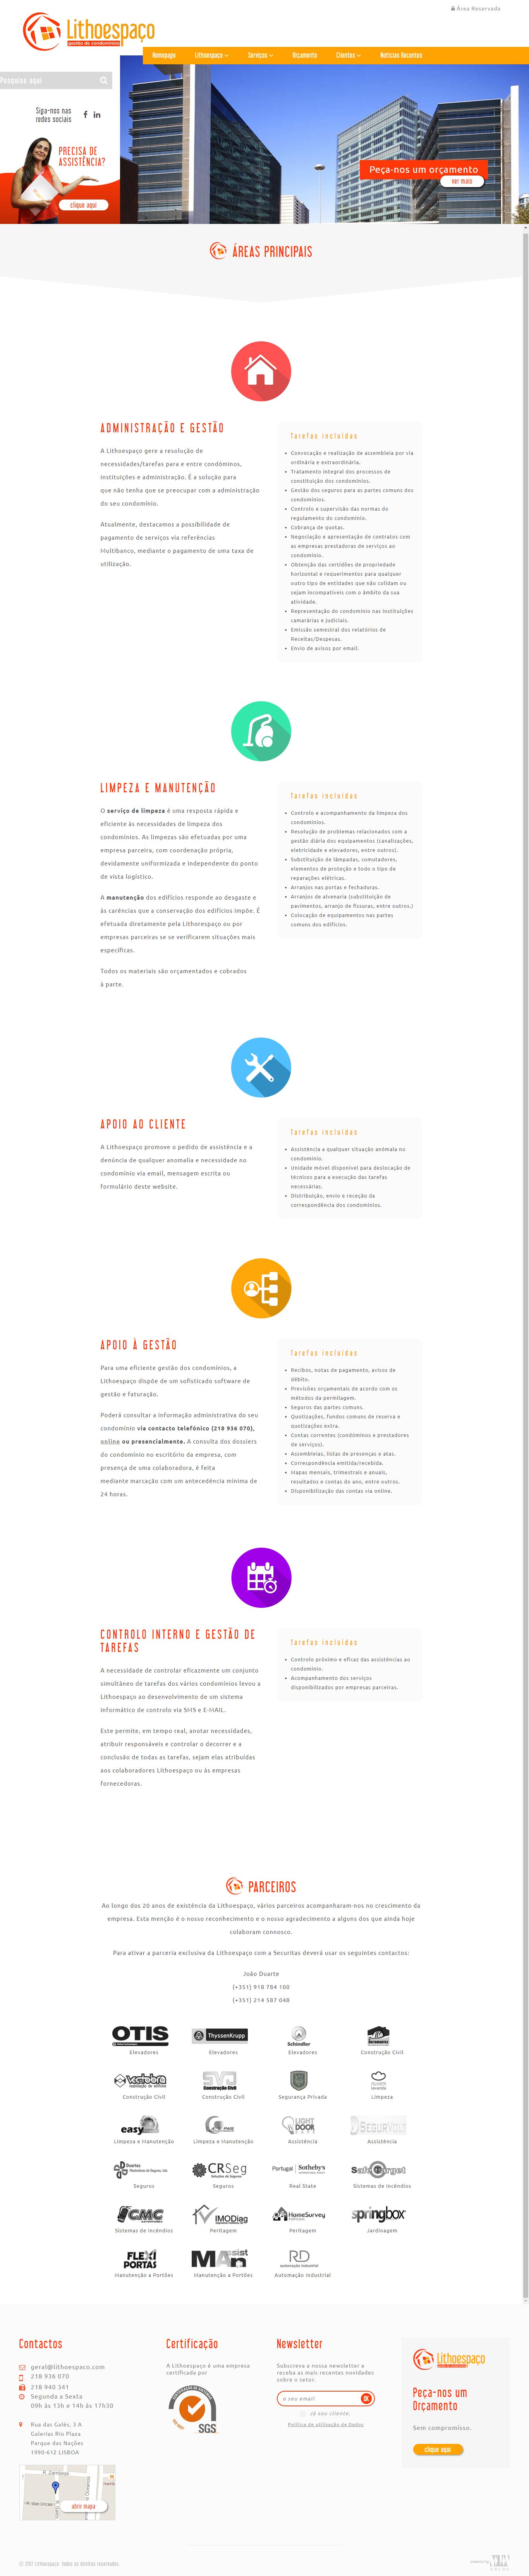 Lithoespaço | Novo website e estratégia de comunicação